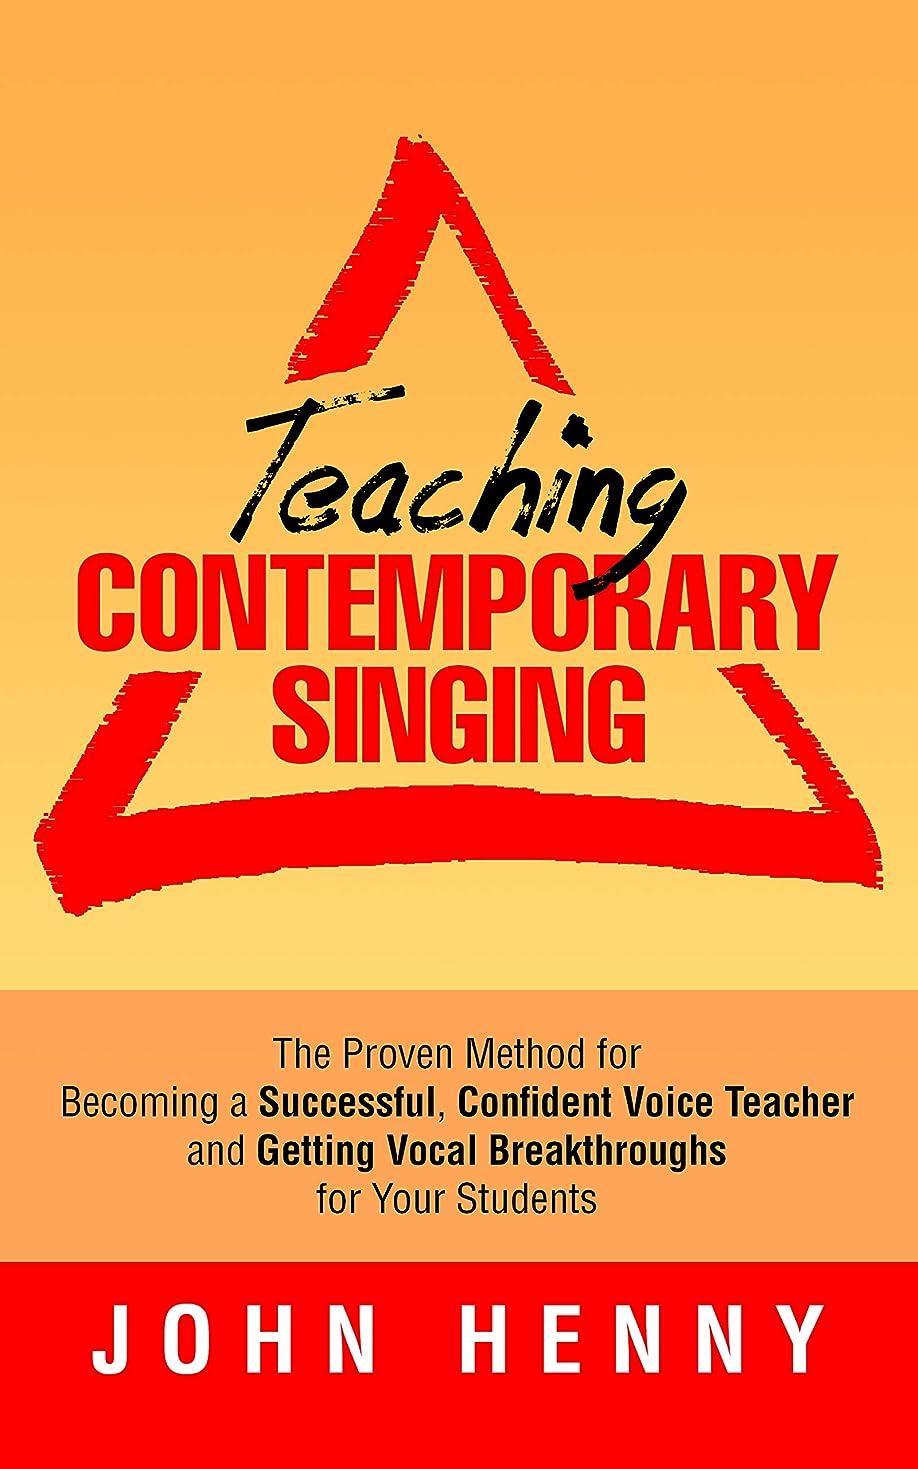 摂氏度干ばつ然としたTeaching Contemporary Singing: The Proven Method for Becoming a Successful, Confident Voice Teacher and Getting Vocal Breakthroughs for Your Students (English Edition)